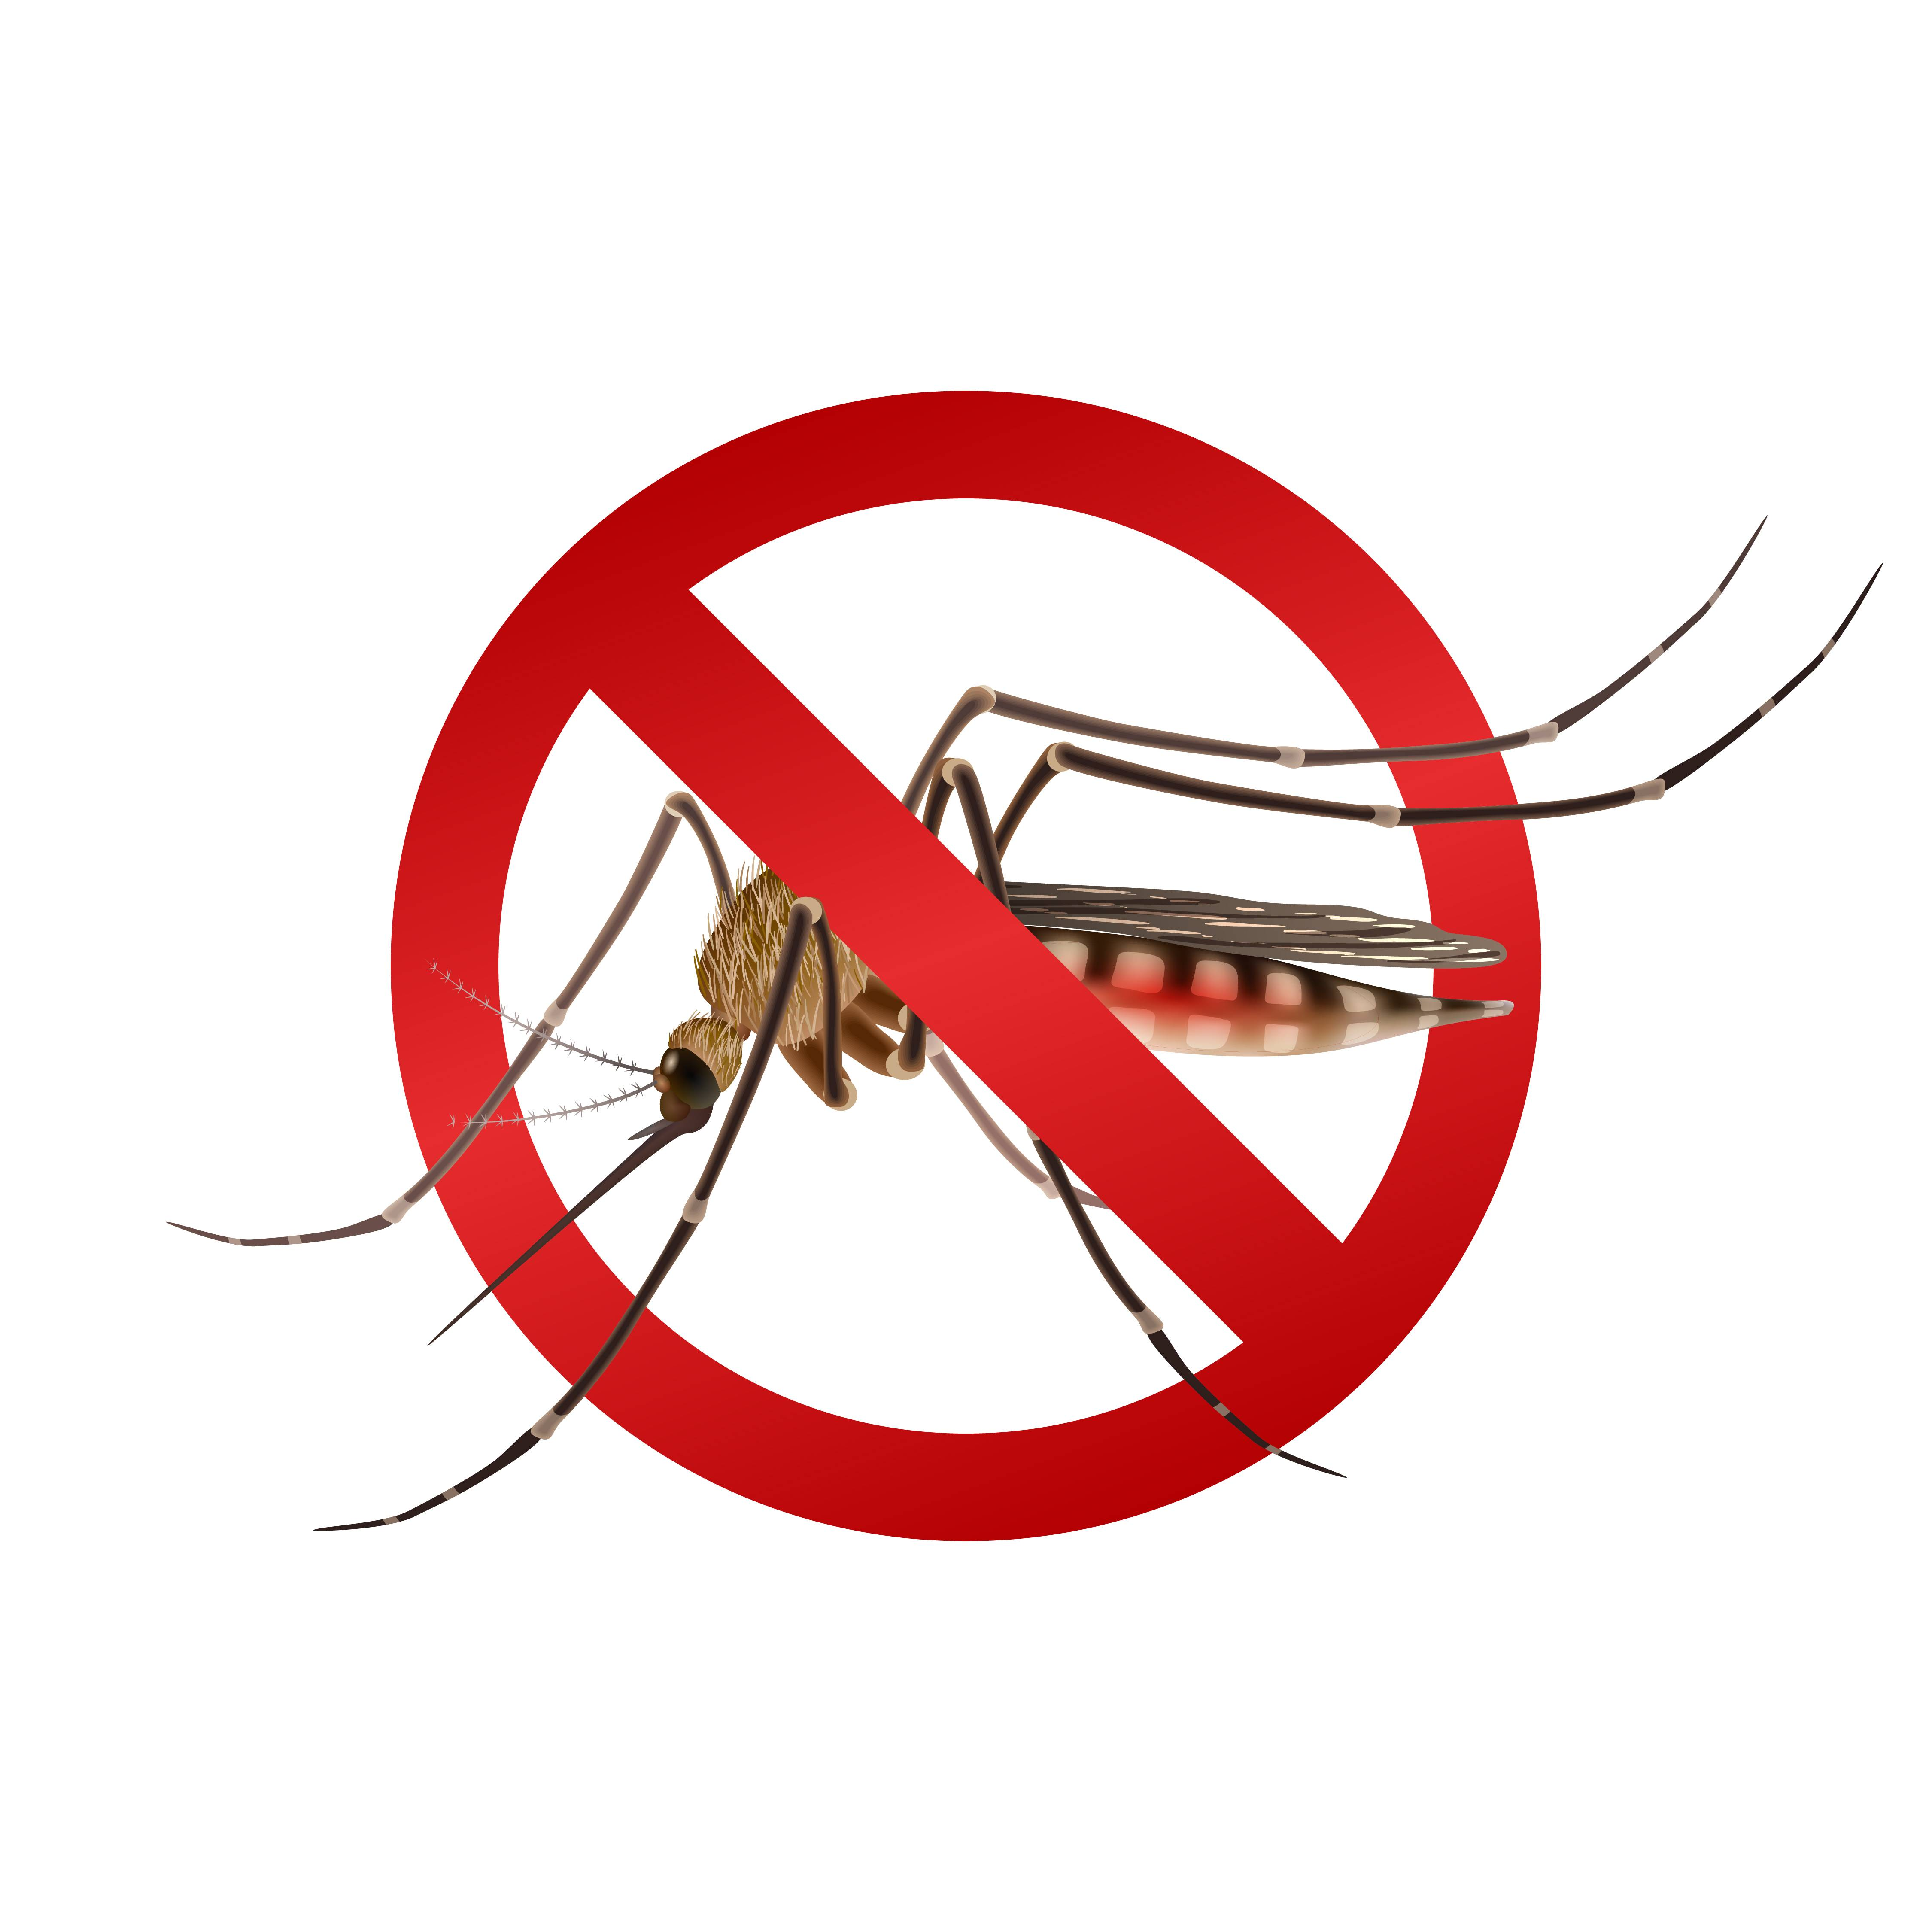 Сонник убивать комаров. к чему снится убивать комаров видеть во сне - сонник дома солнца